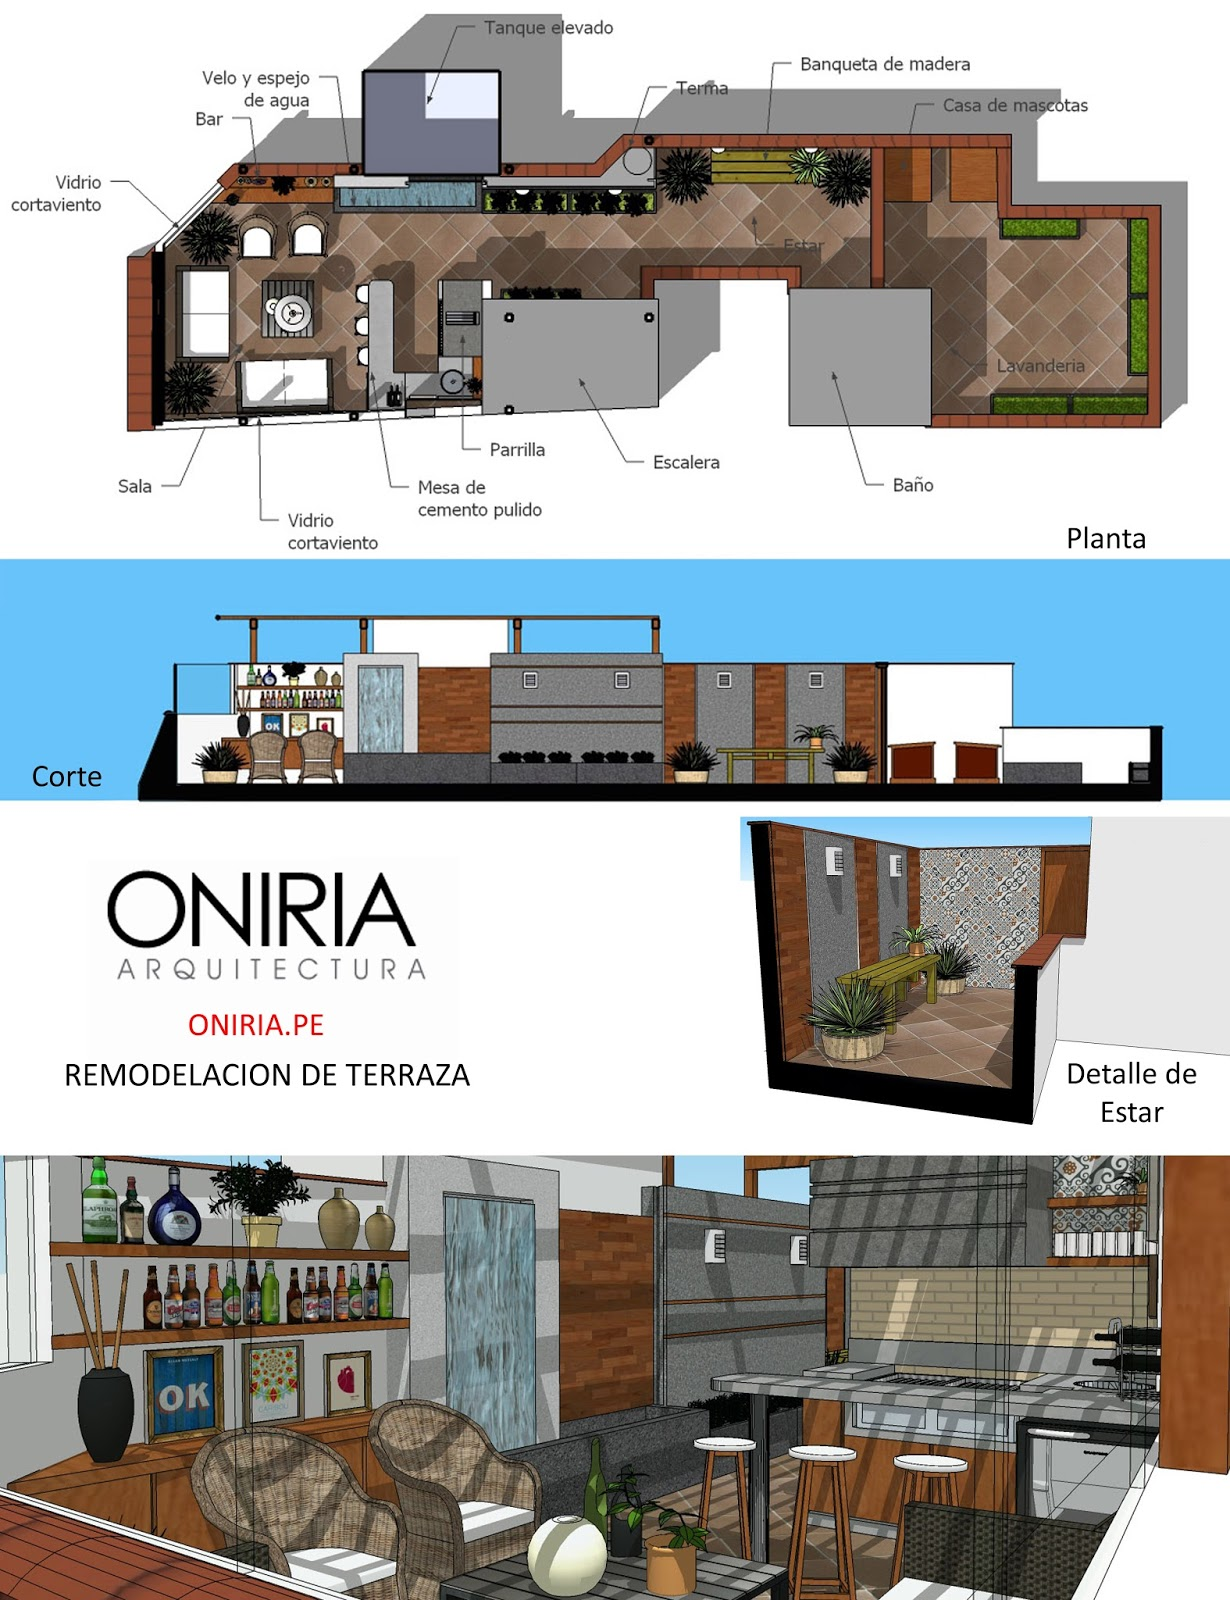 Oniria dise o de terraza y parrilla en azotea for Parrilla para la casa